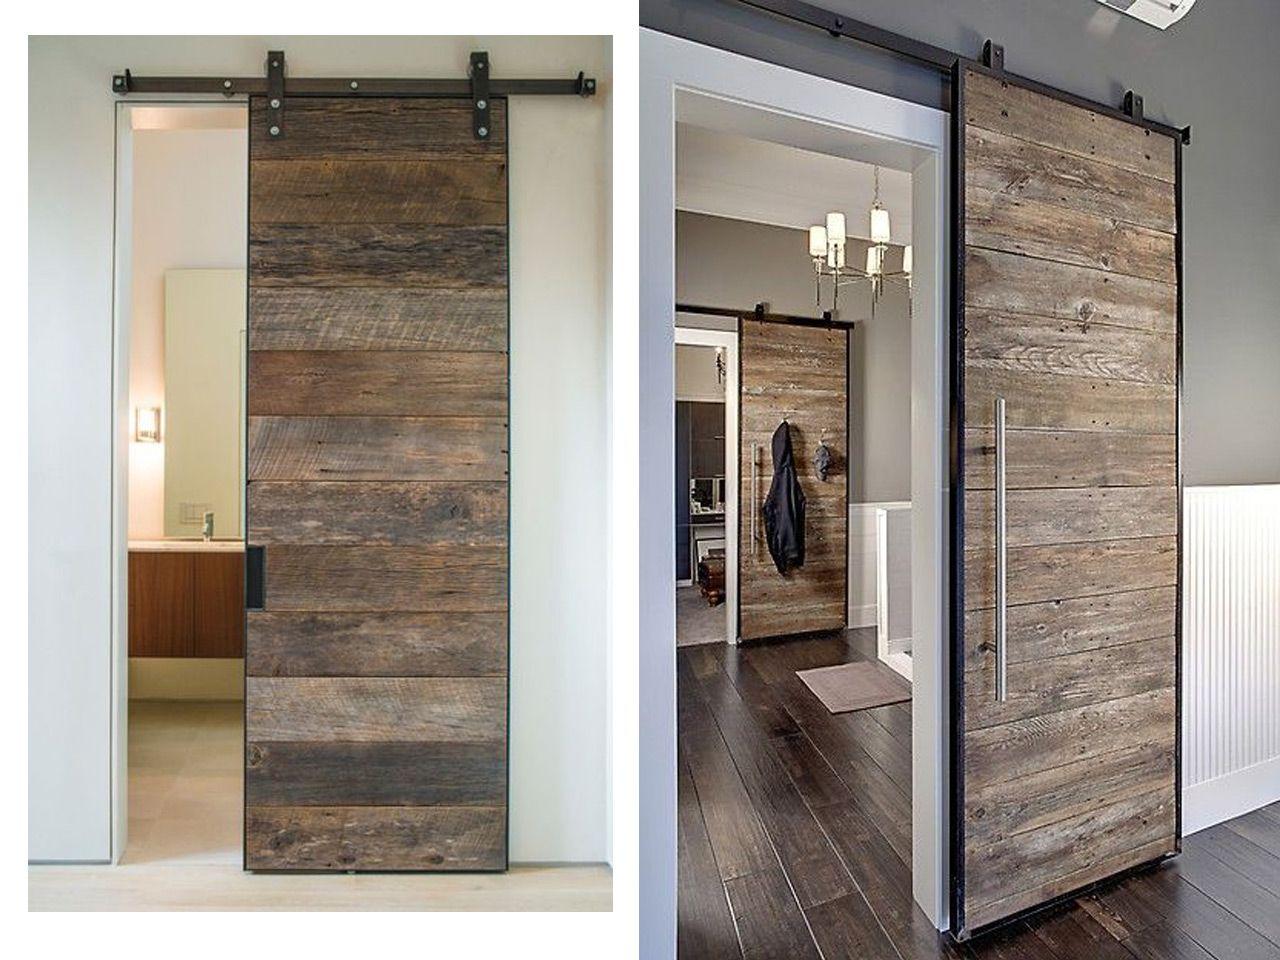 baños al estilo industrial americano - Buscar con Google   Things ...